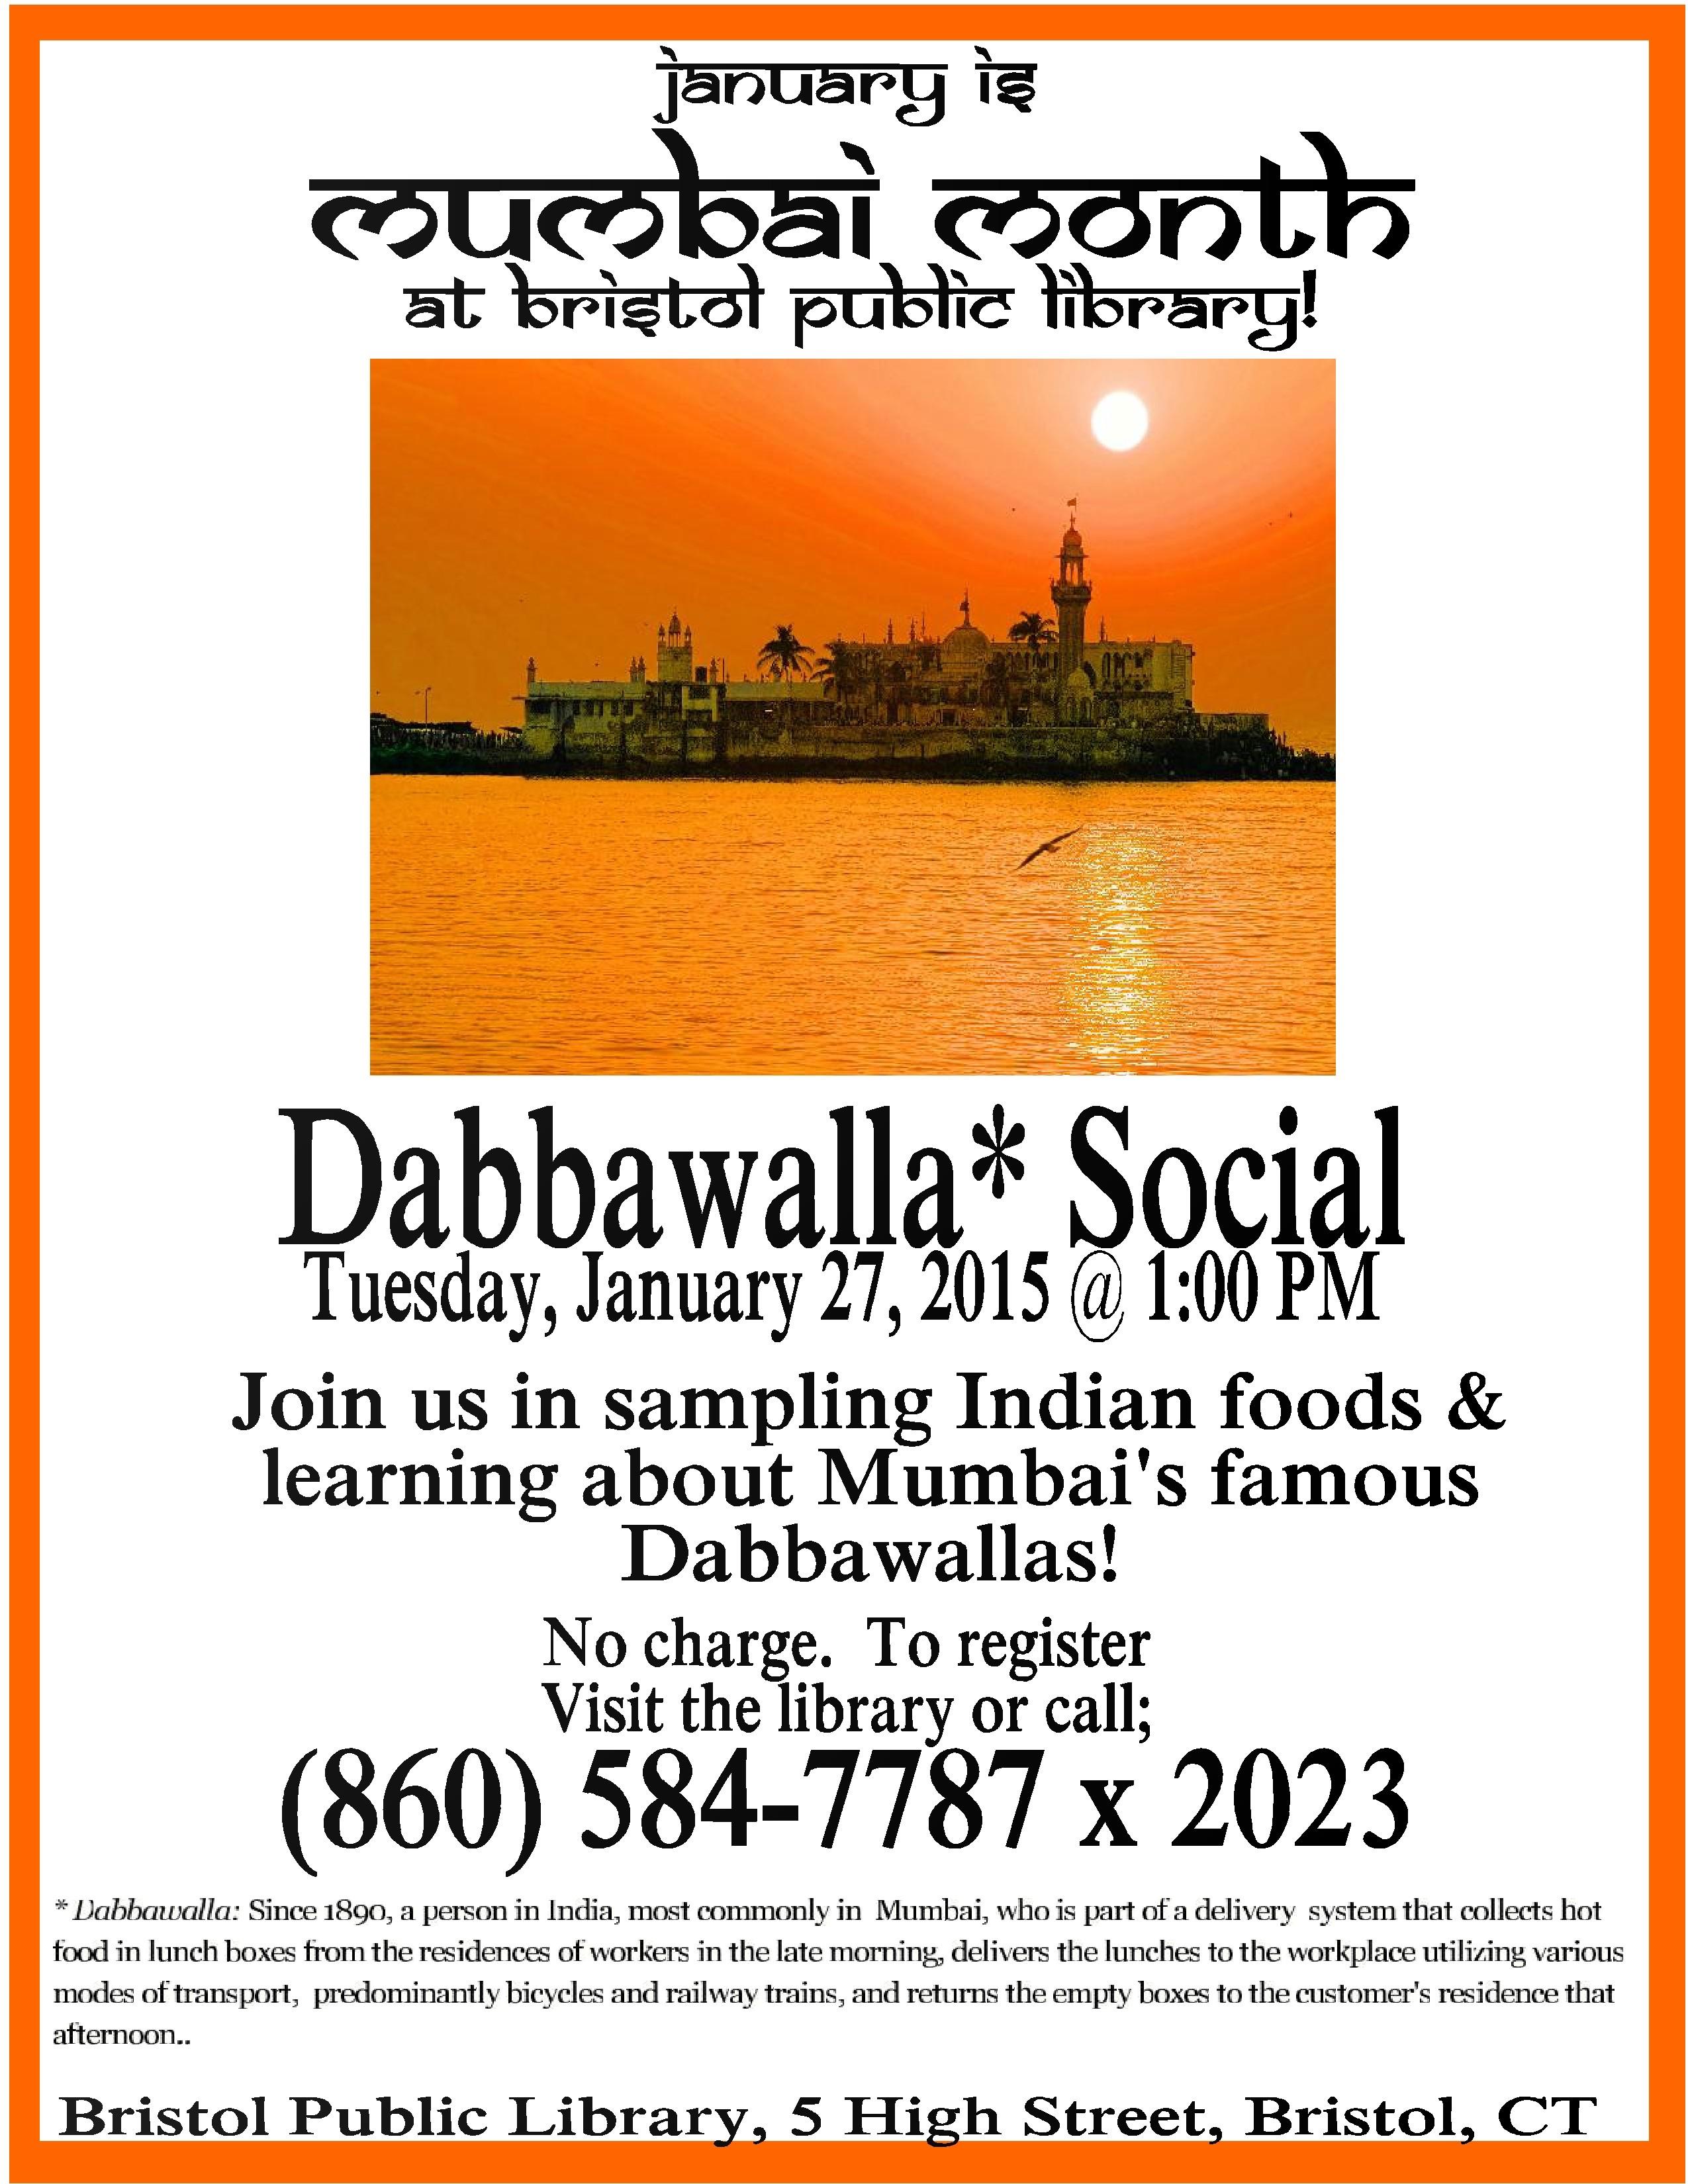 dabbawalla-001